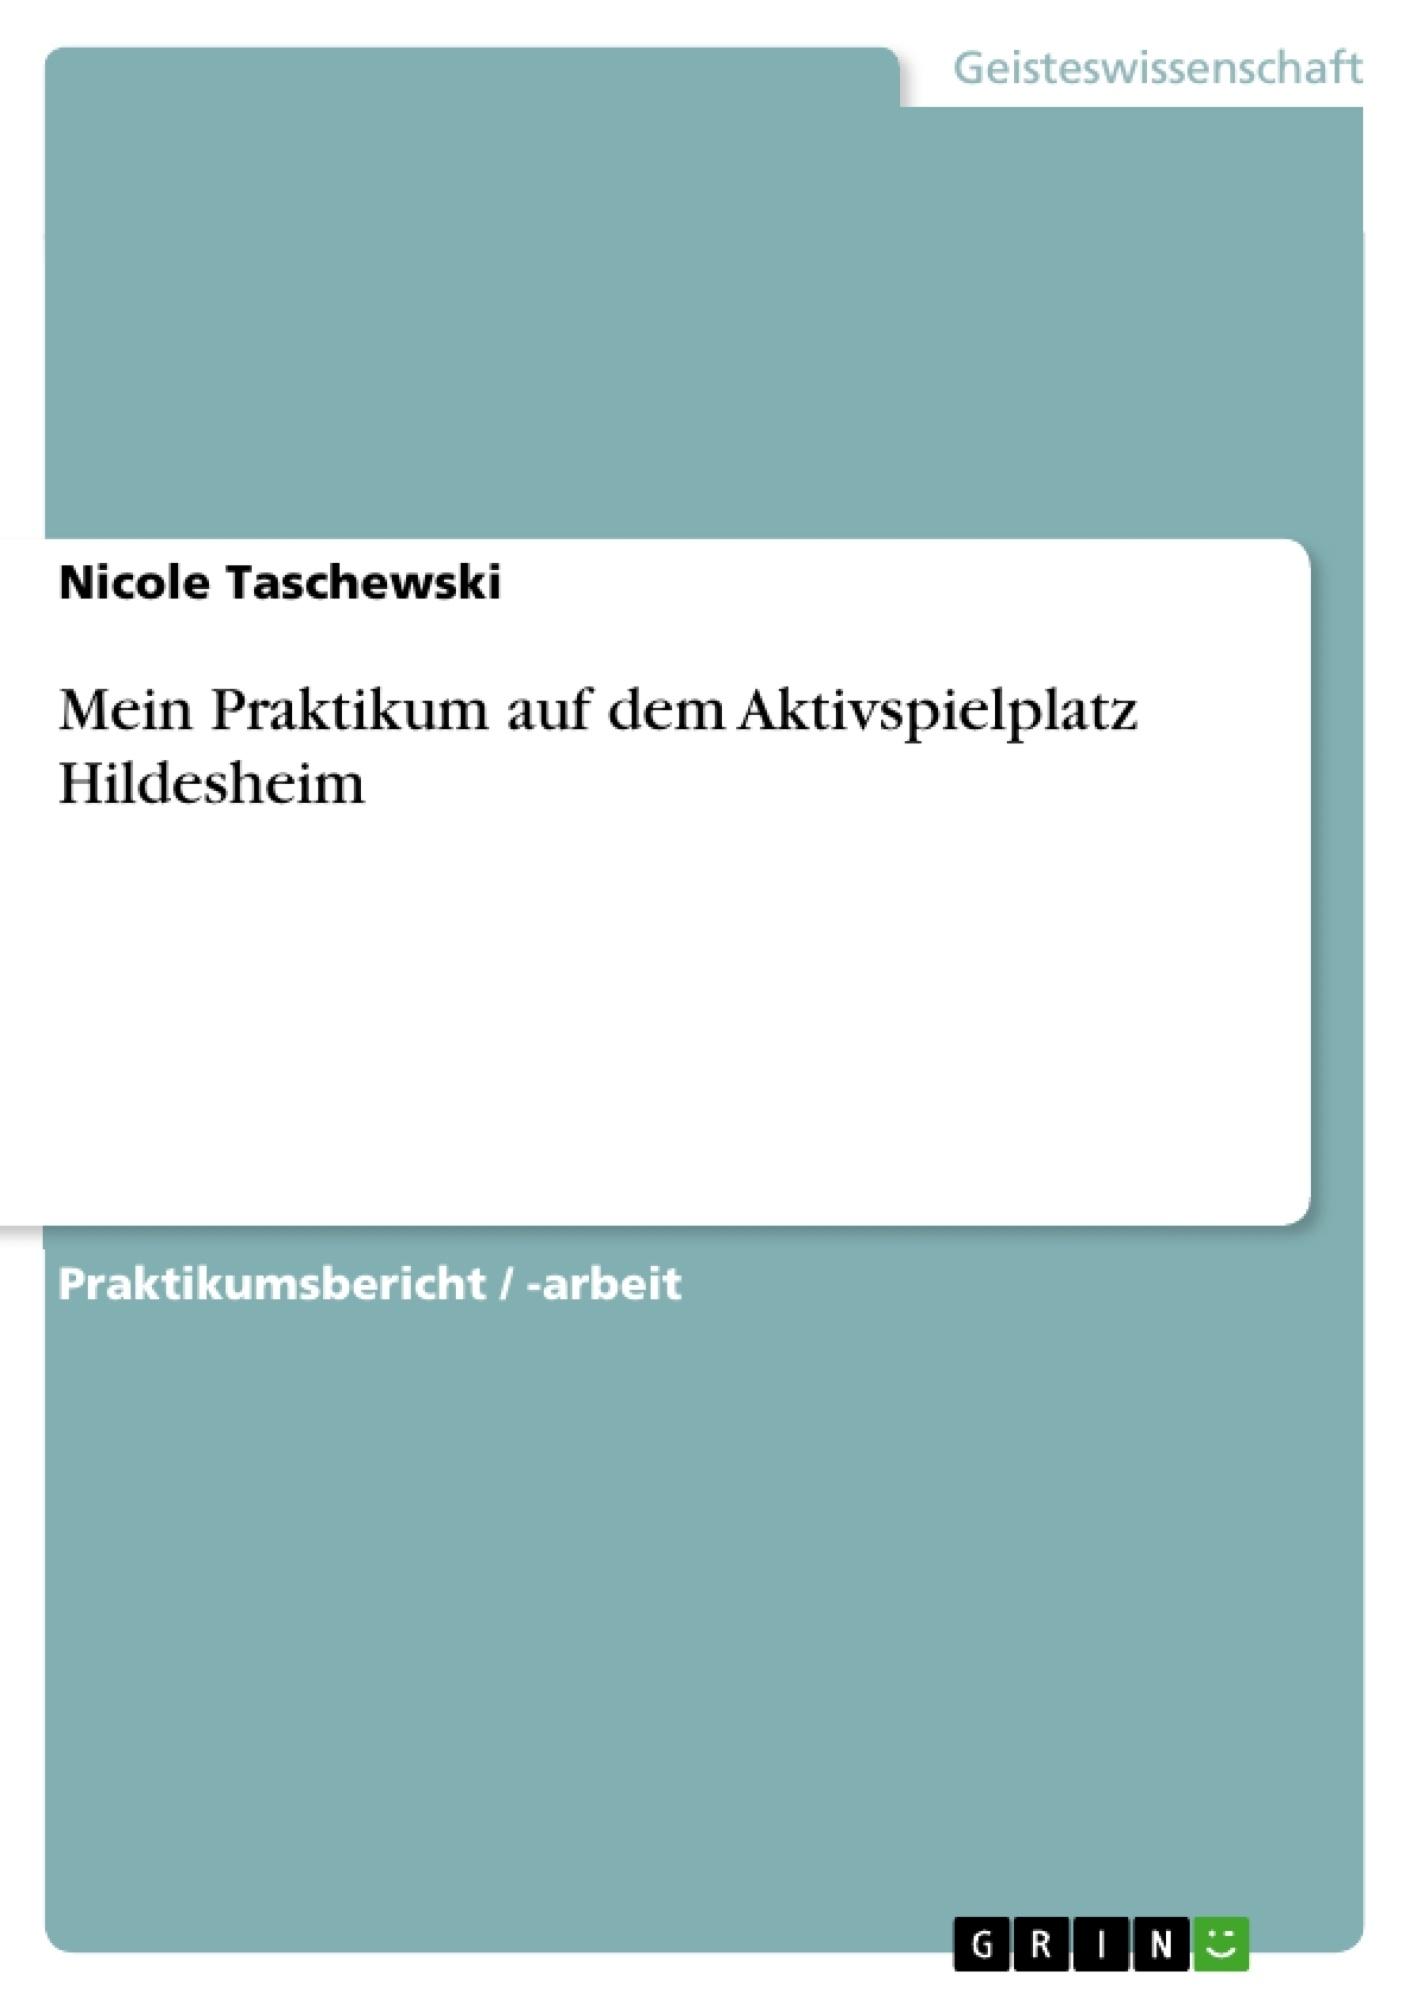 Titel: Mein Praktikum auf dem Aktivspielplatz Hildesheim